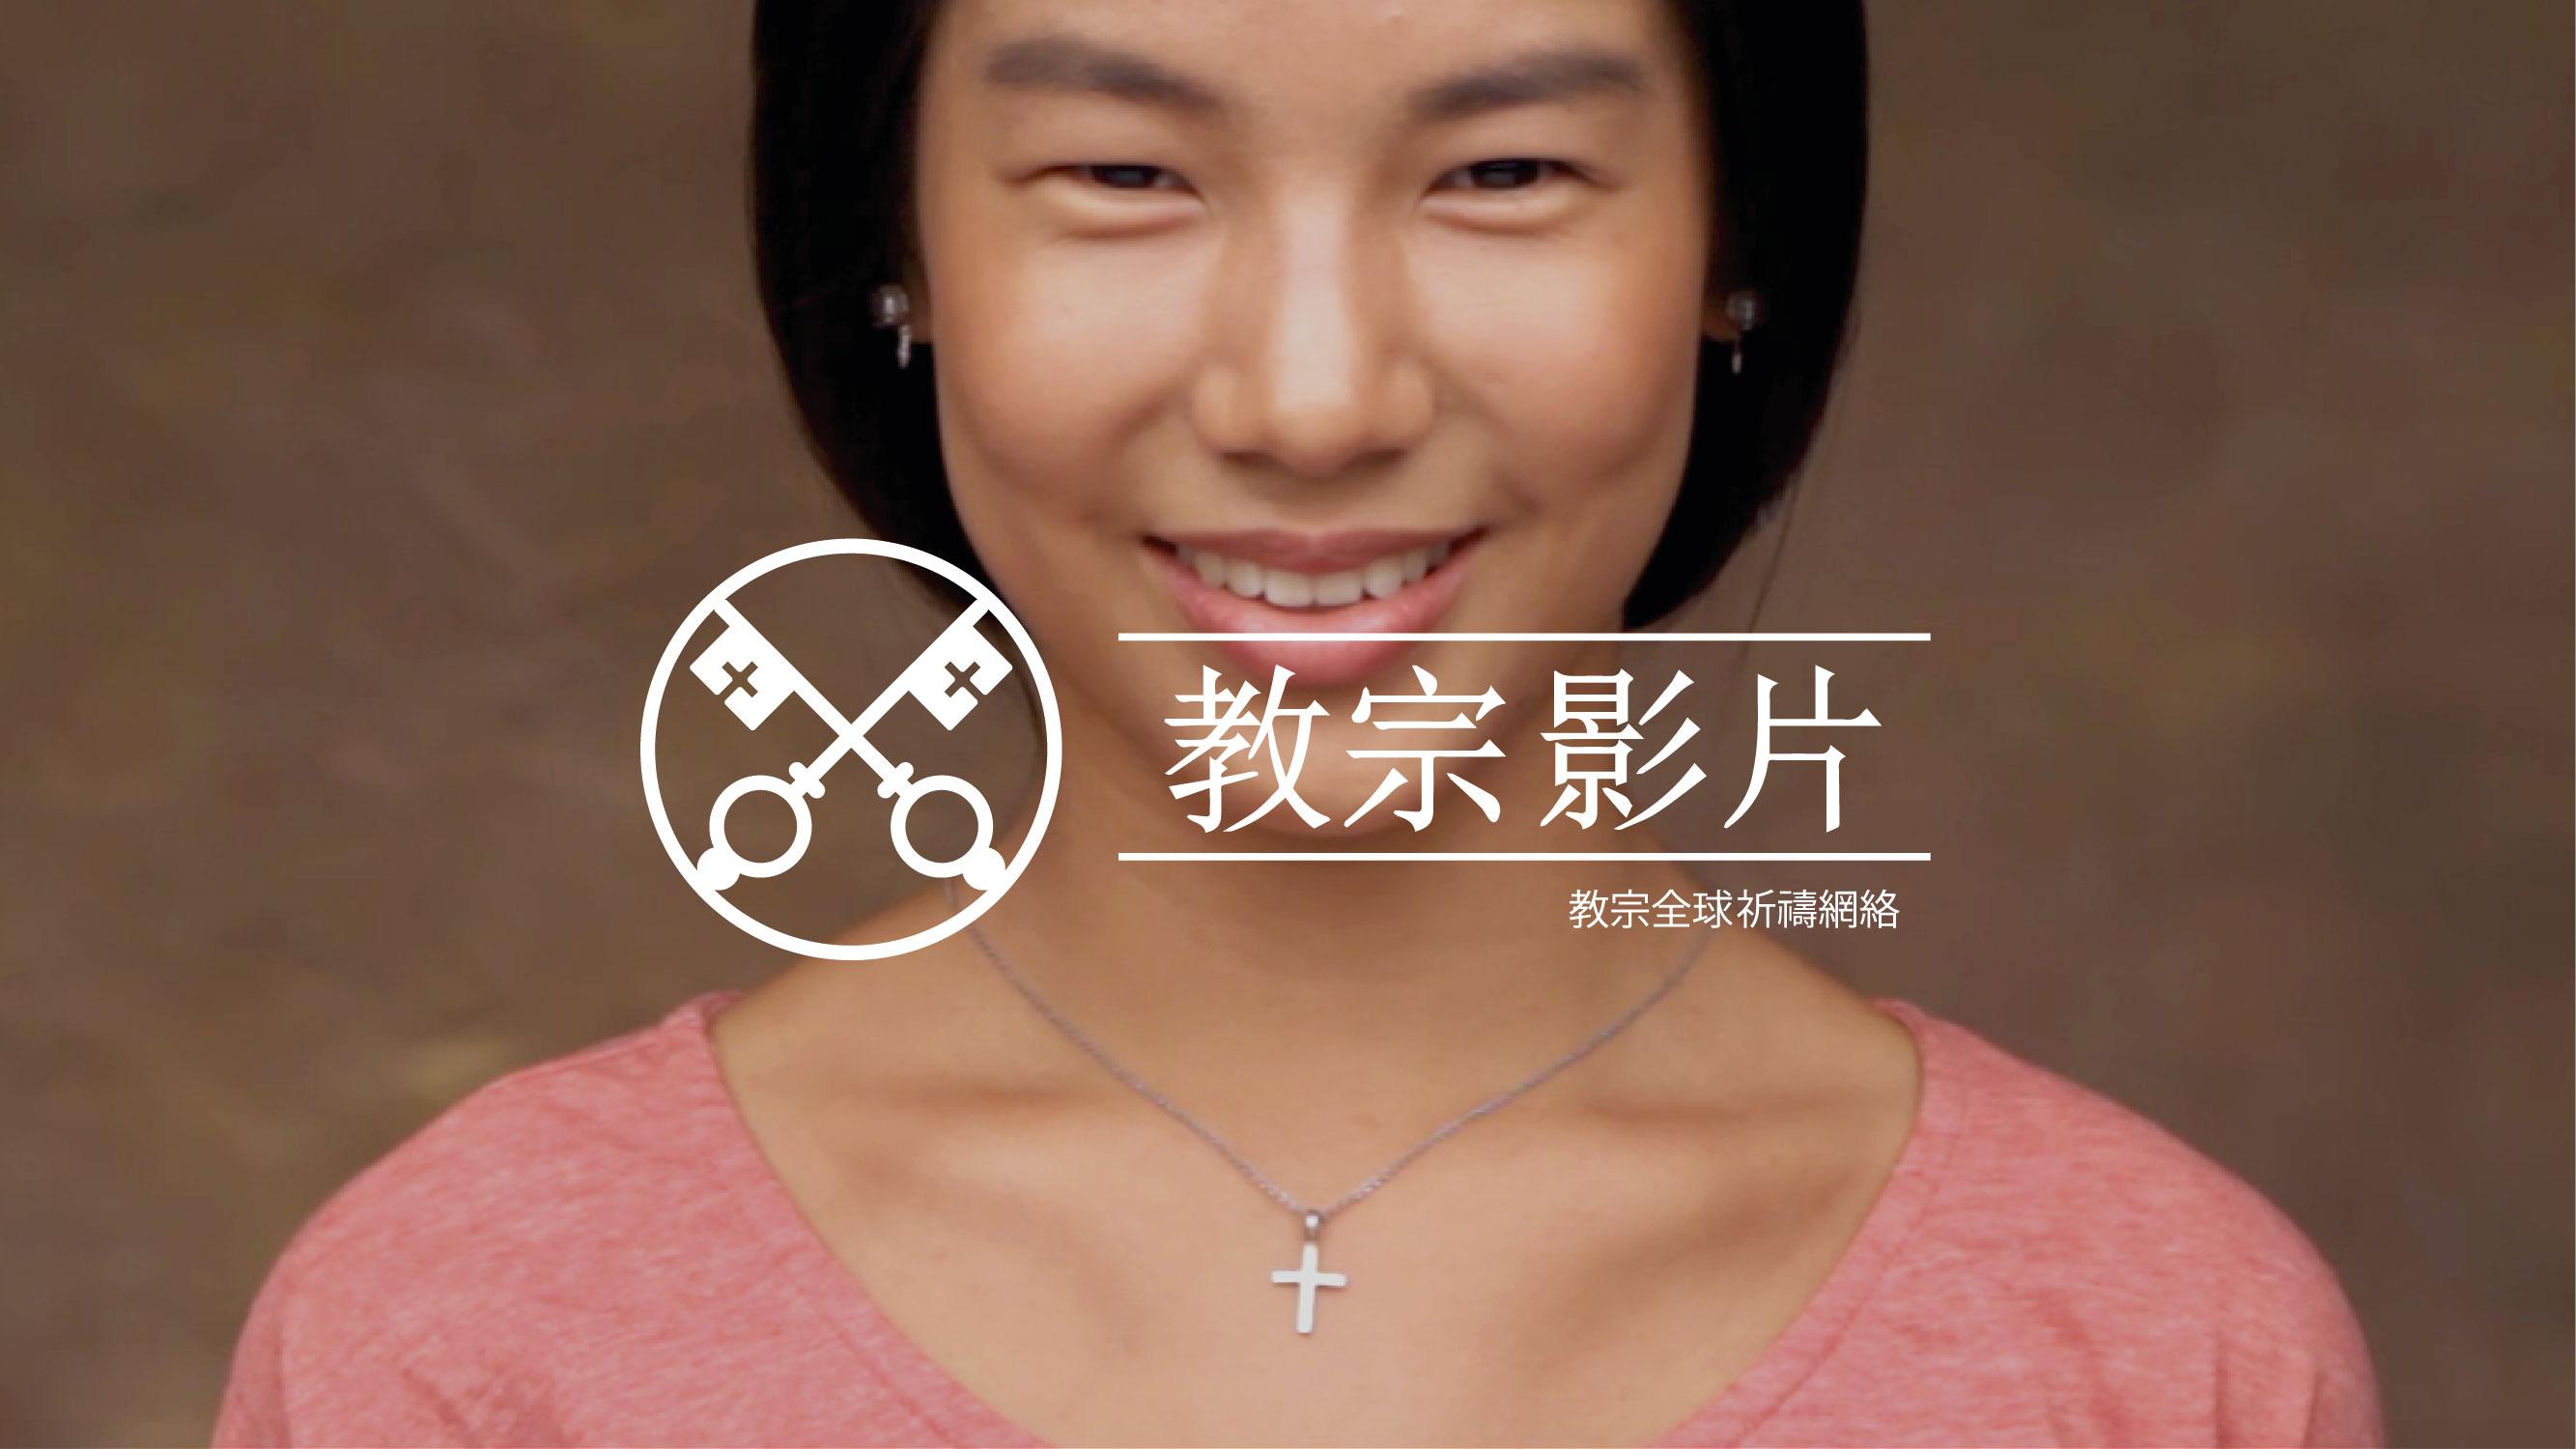 十一月 : 在亞洲為福音作見證